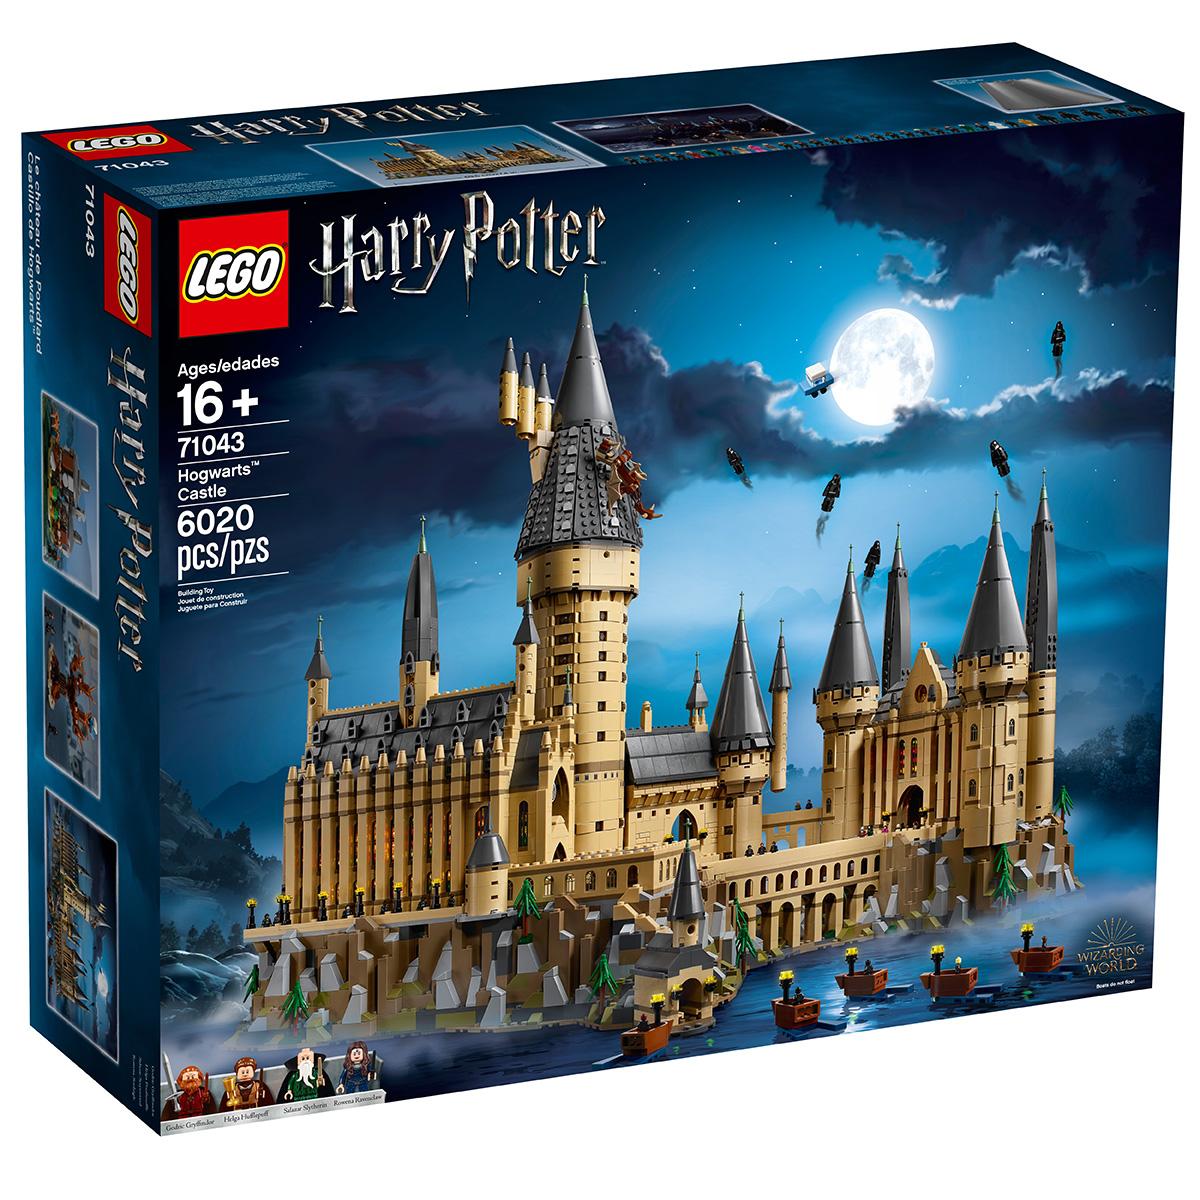 乐高哈利波特霍格沃茨城堡71043成人高难度拼装积木益智模型礼物